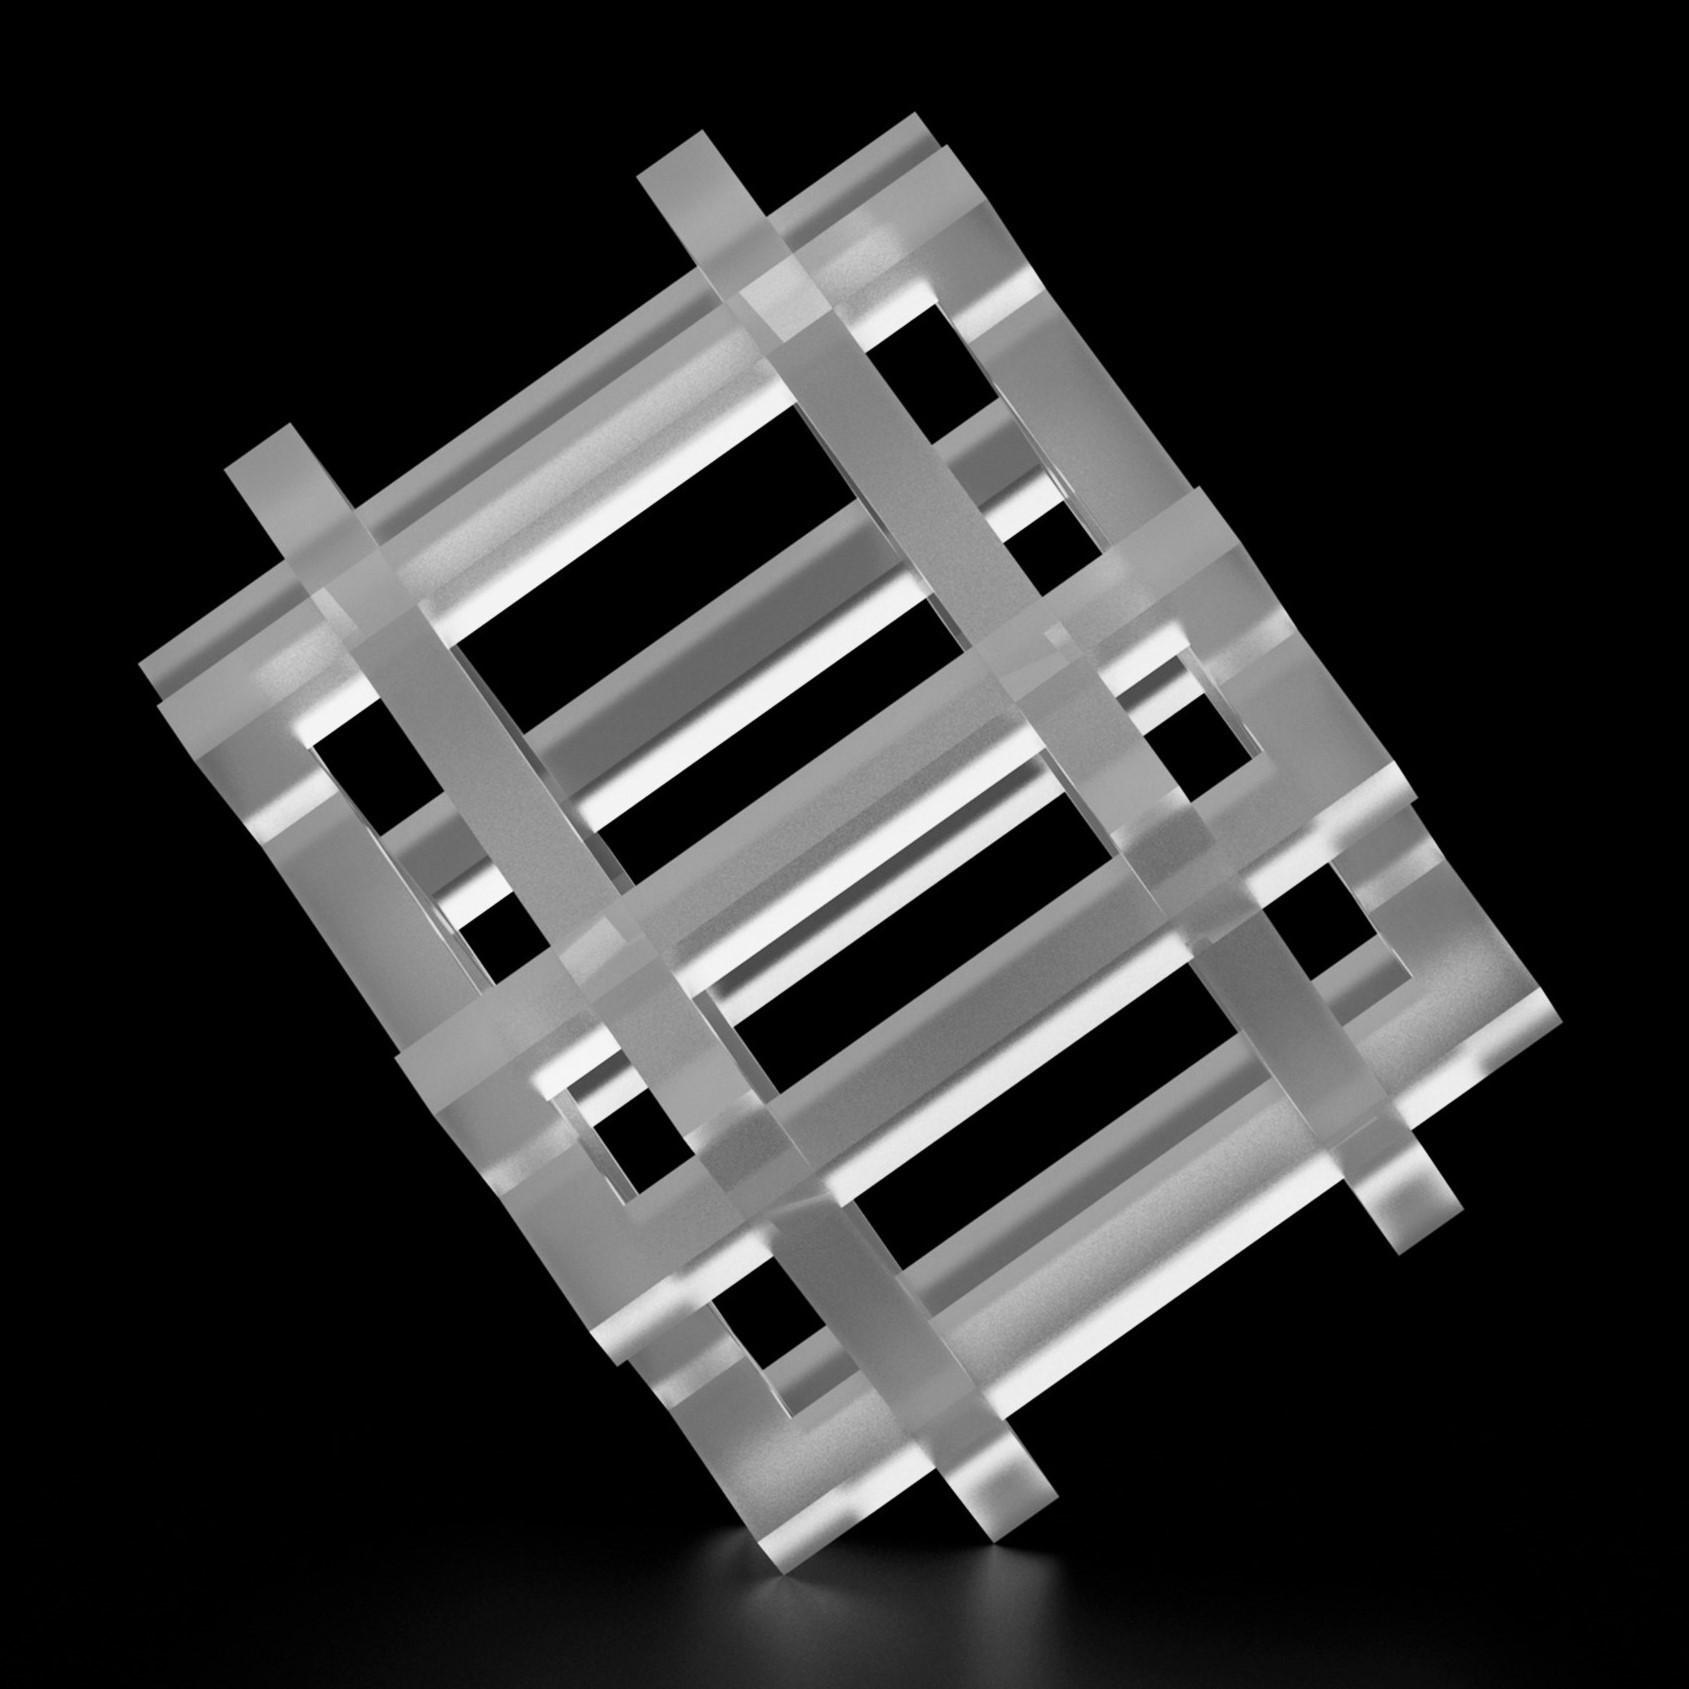 3.jpg Download free STL file SquareMix 0 • 3D printing design, siSco